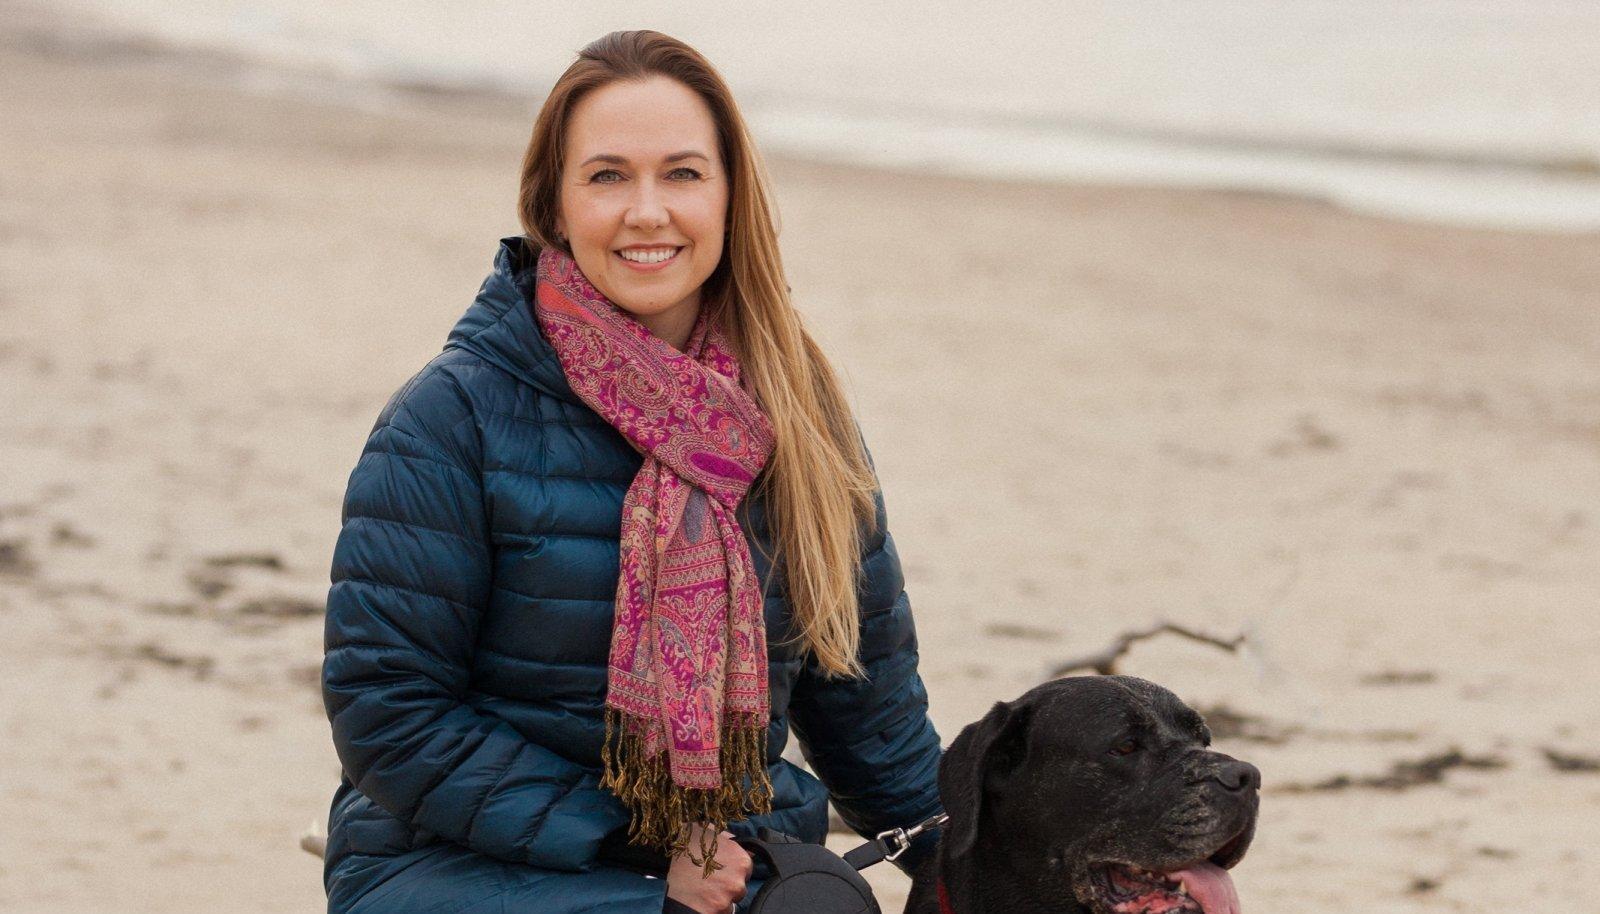 Liis koos oma koera Chicaga rannas, kus rästik naist hammustas.